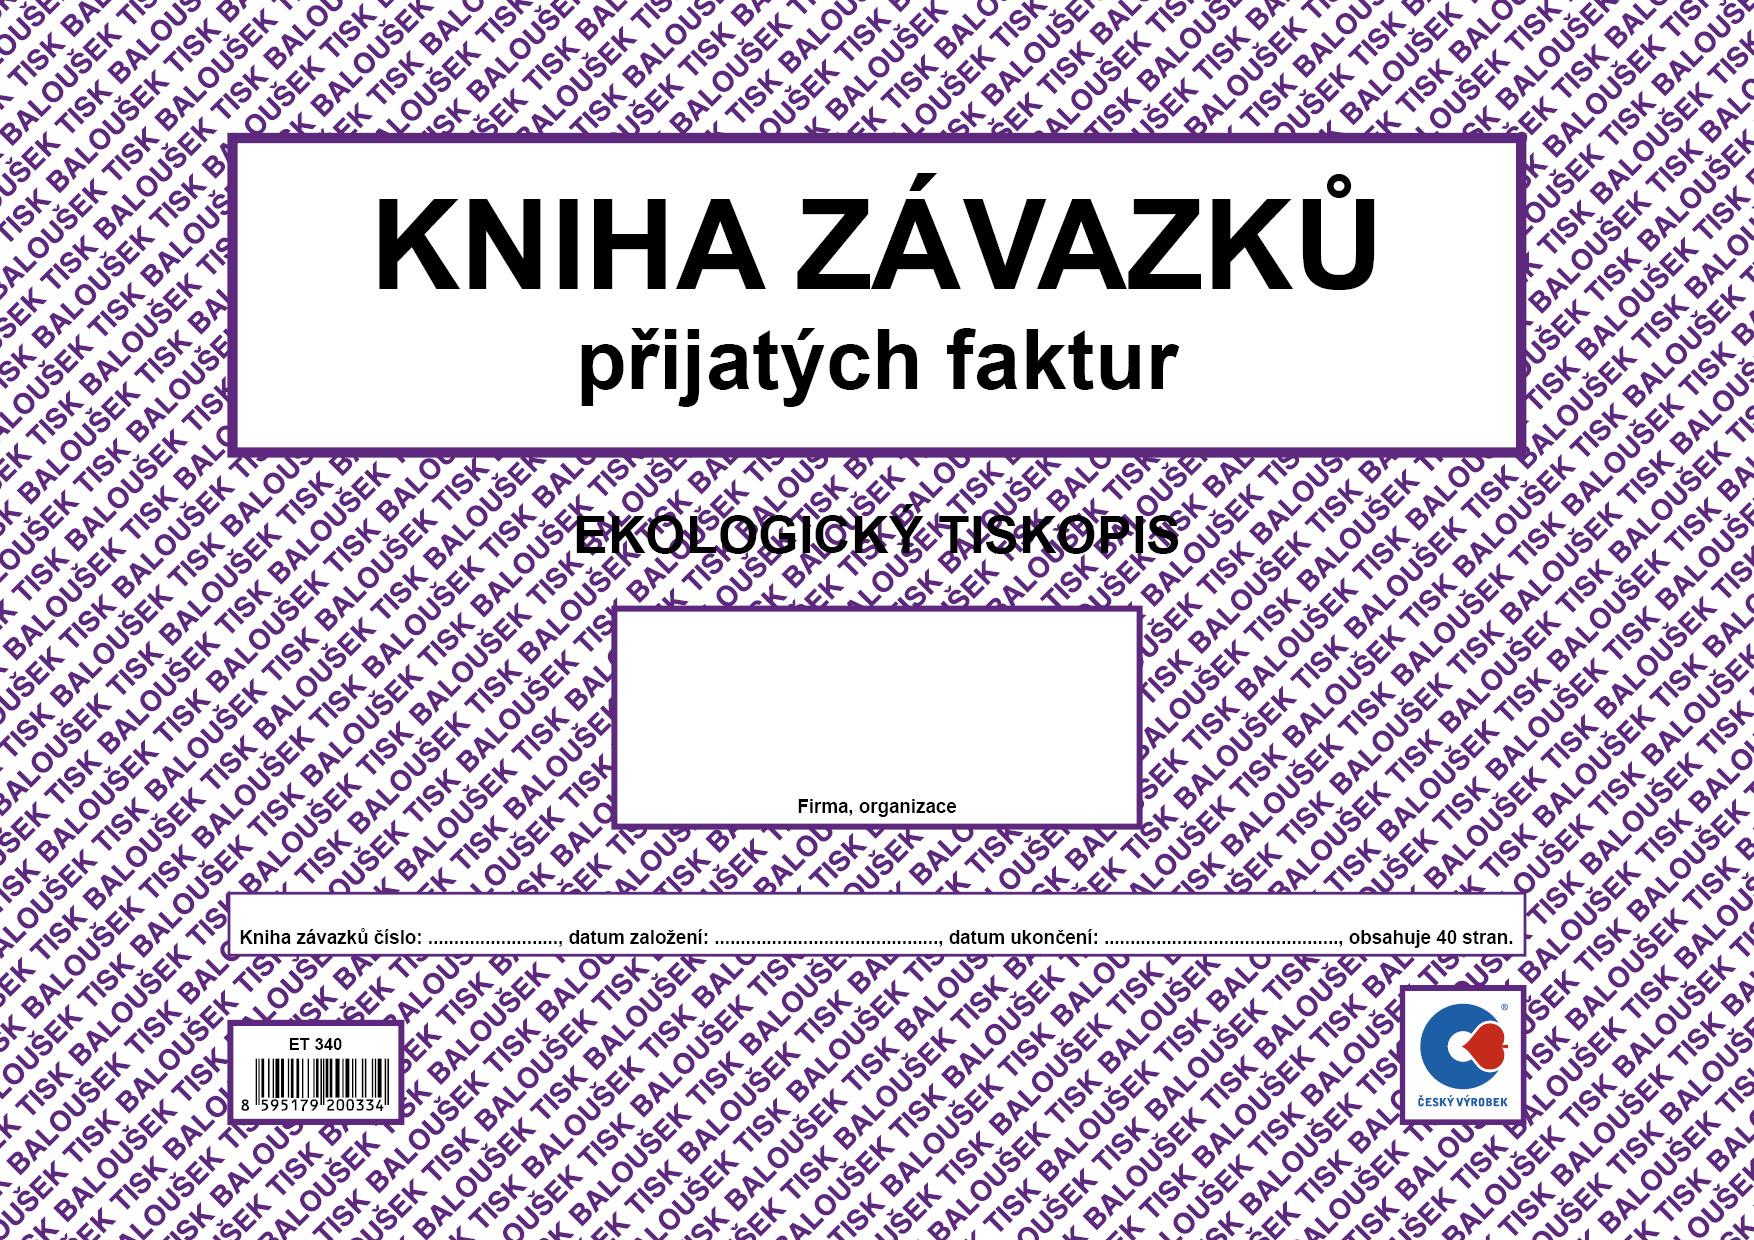 Kniha závazků A4, došlých faktur, oboustranný, 40 stran, BALOUŠEK, ET340